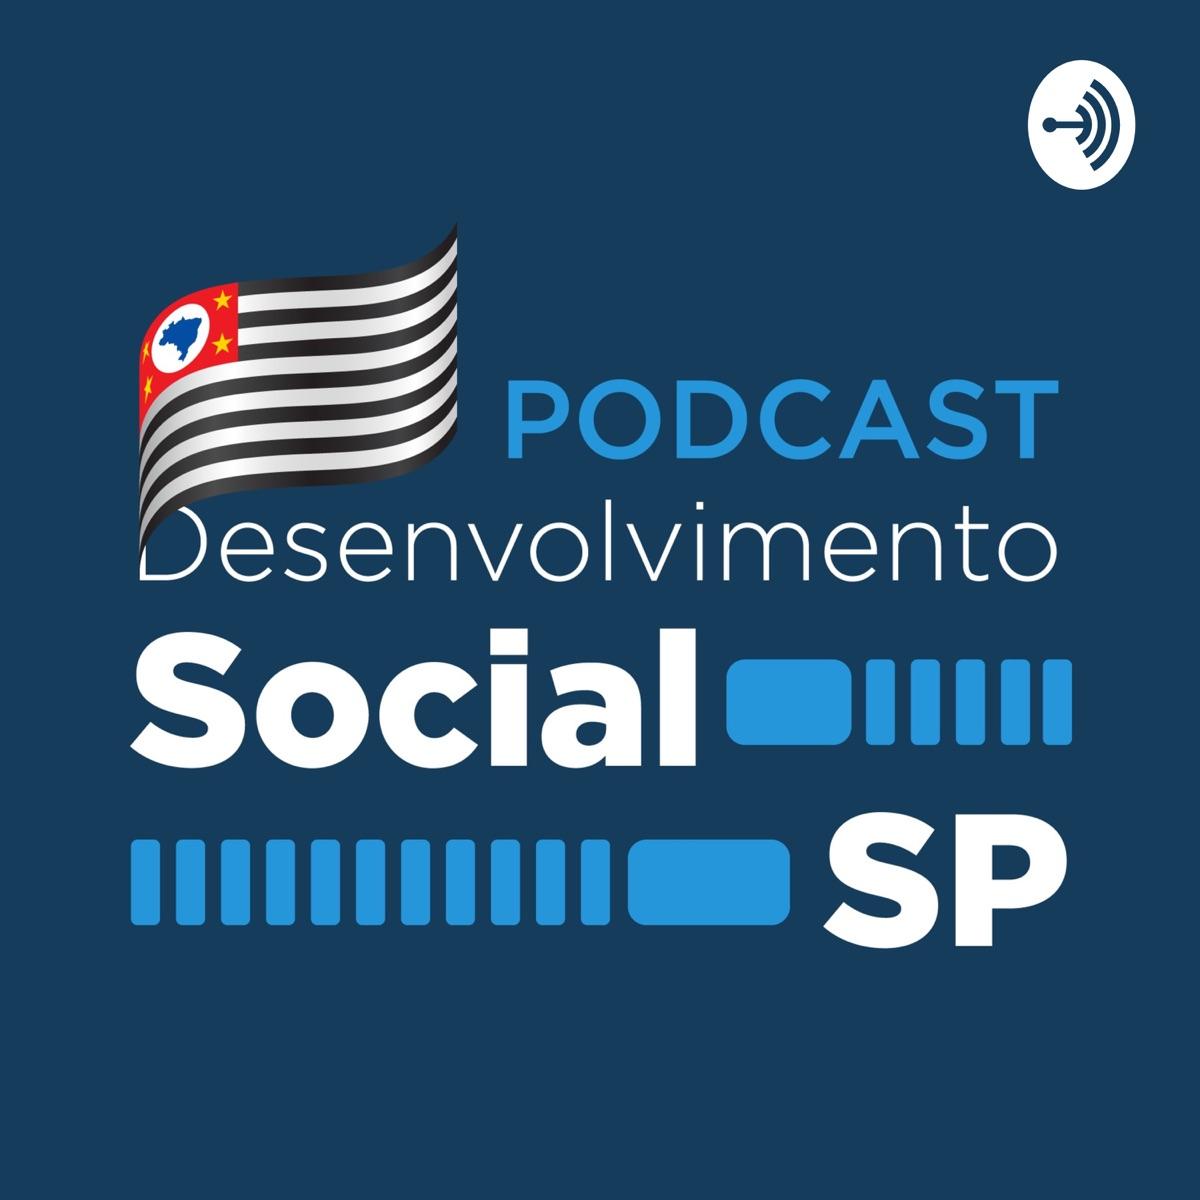 Podcast Desenvolvimento Social SP